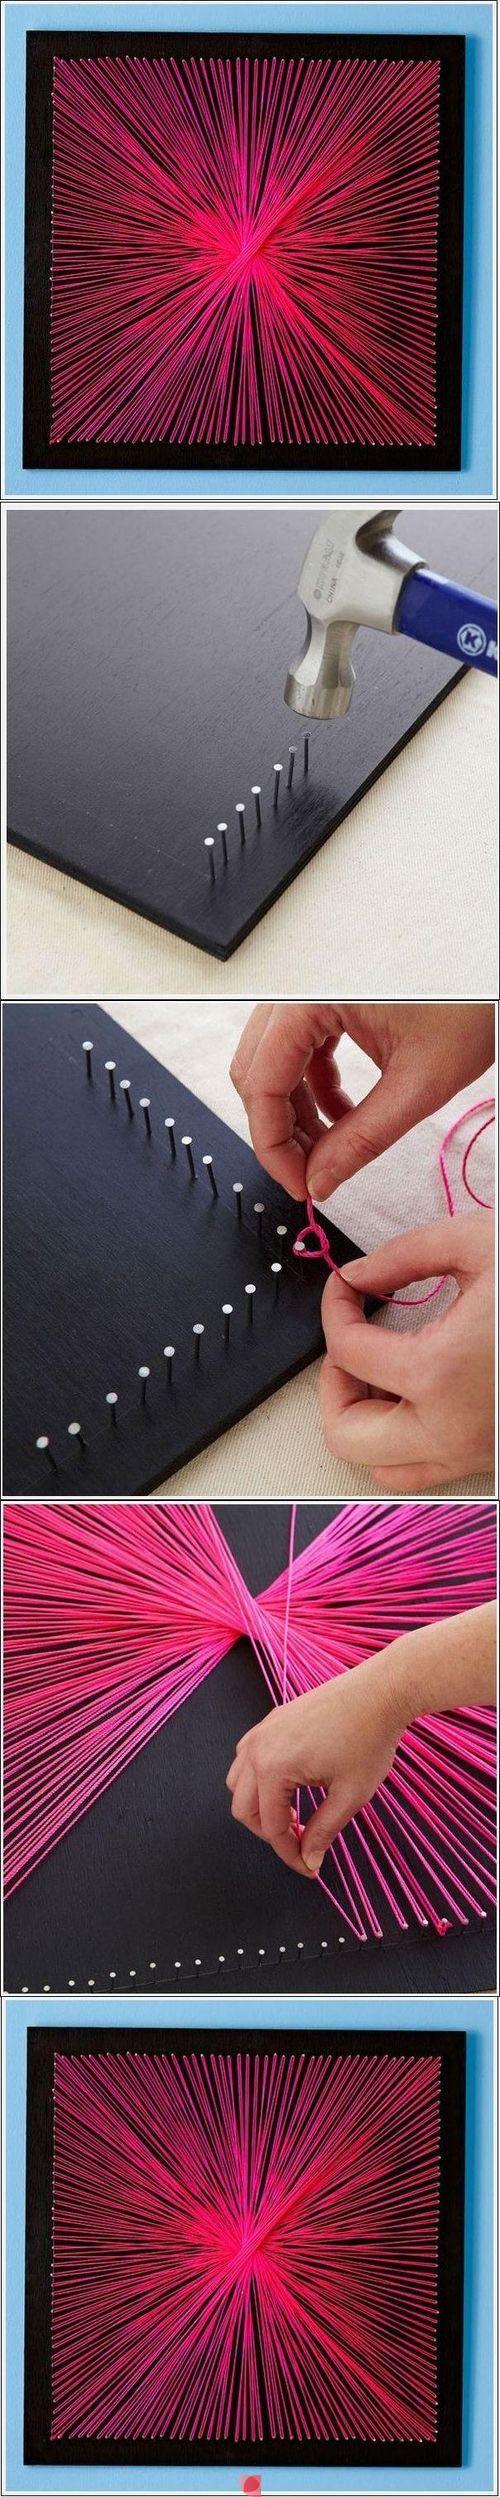 nail string art woodworker cadette badge pinterest. Black Bedroom Furniture Sets. Home Design Ideas